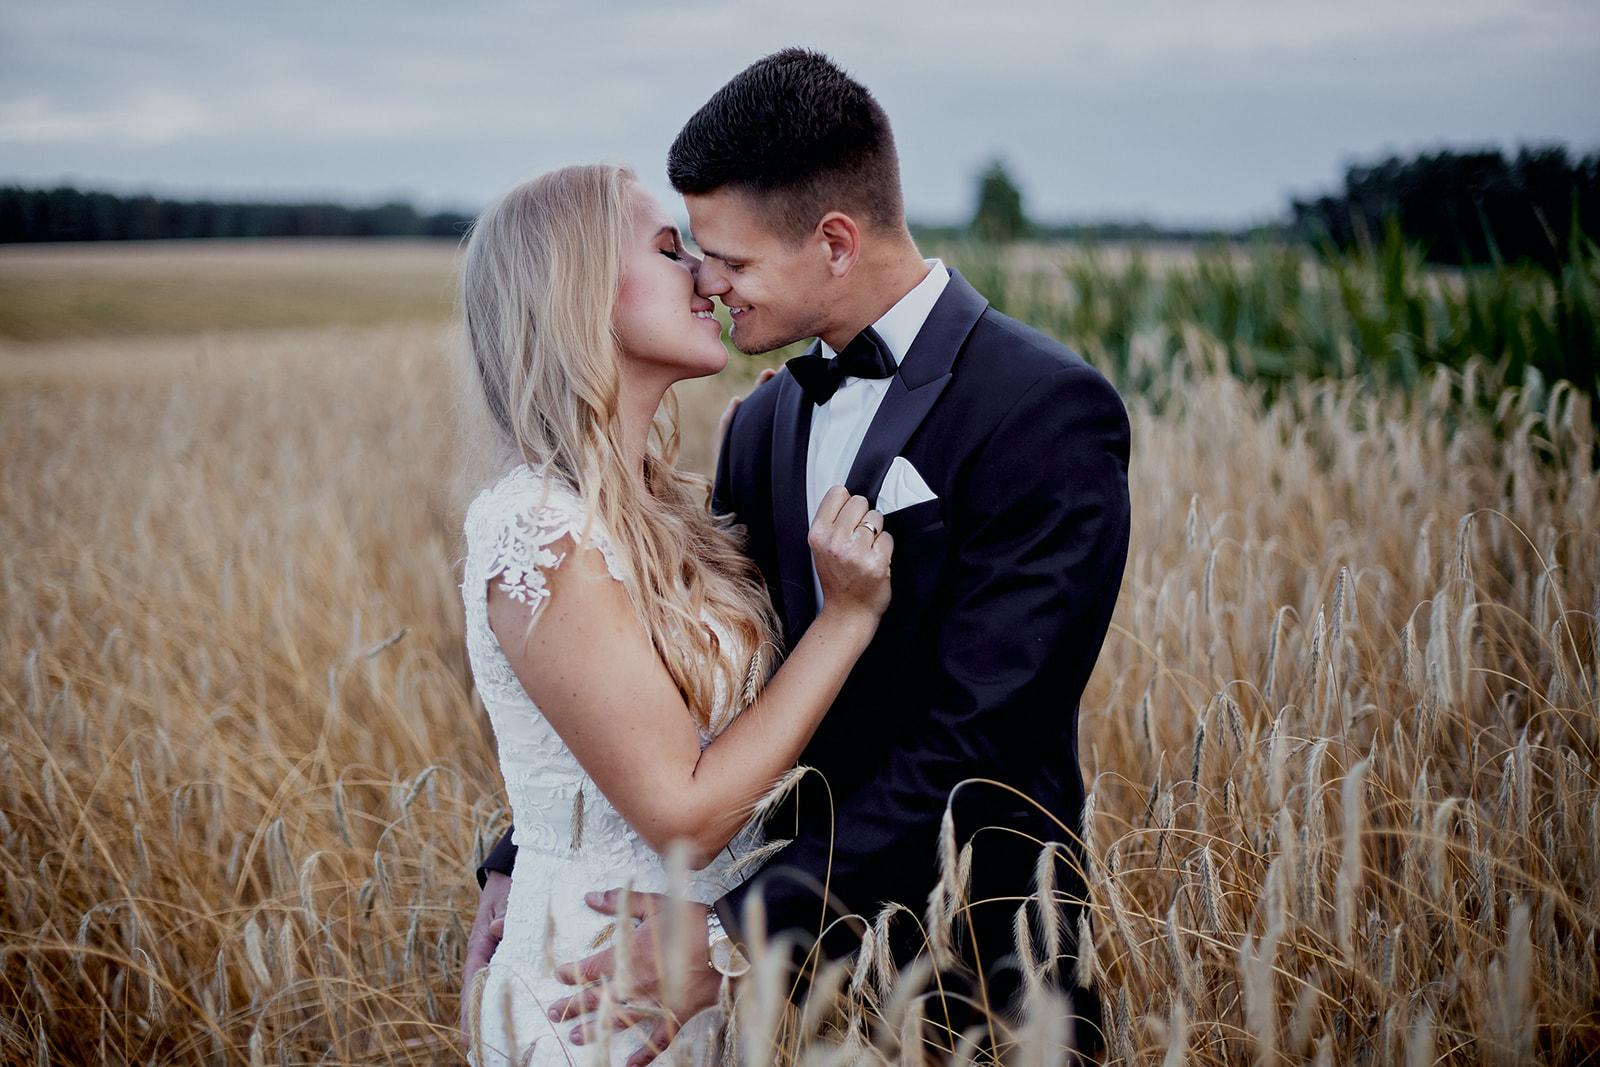 Sesja ślubna w zbożu i słonecznikach